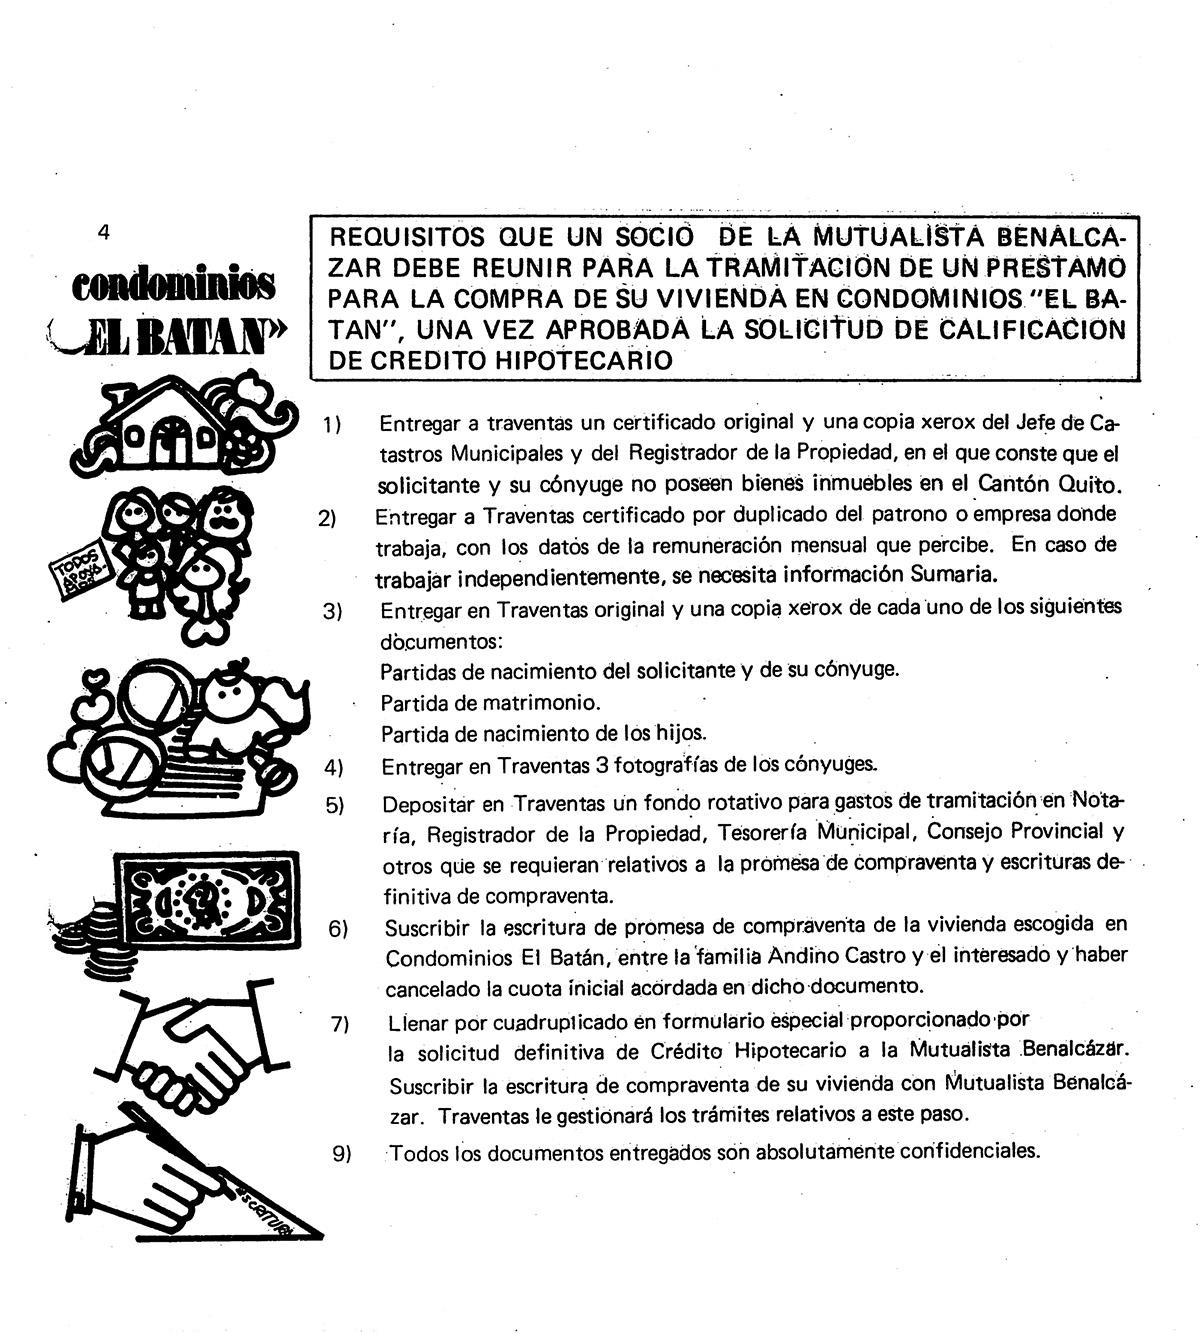 EL BATAN6.jpg